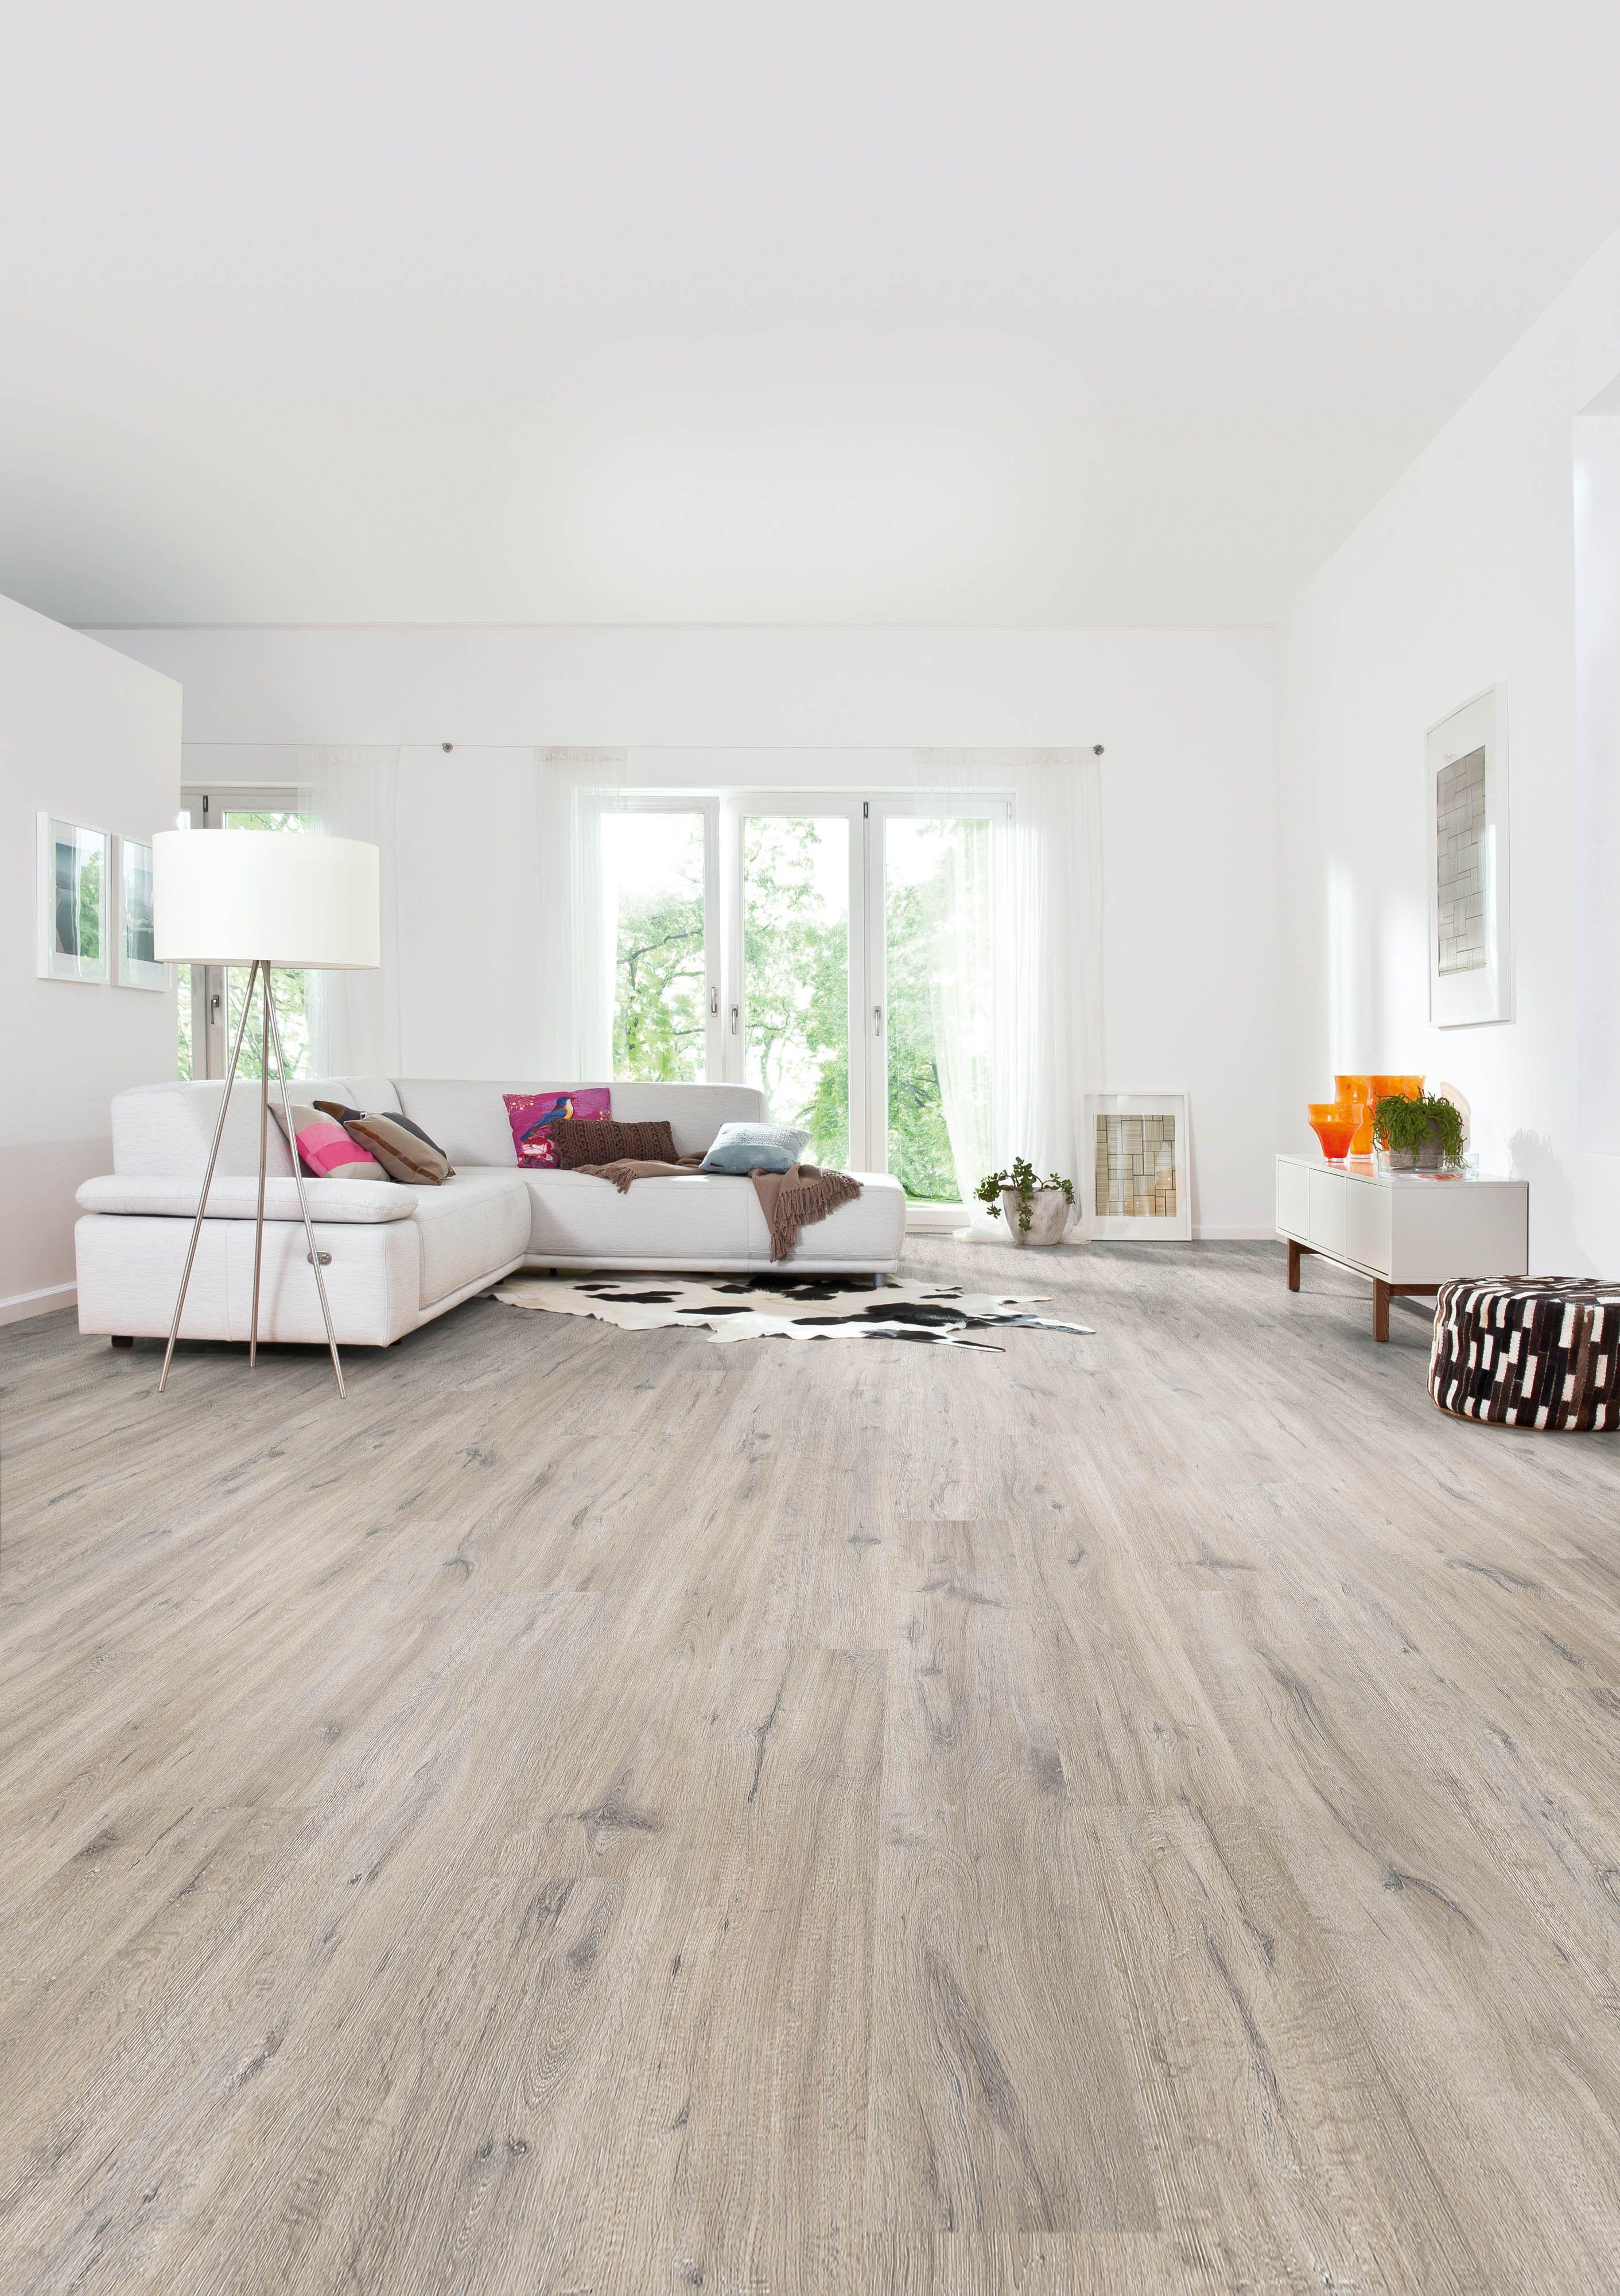 bring leben in dein wohnzimmer mit der strukturierten landhausdiele eiche dover wirkt der raum viel lebendiger